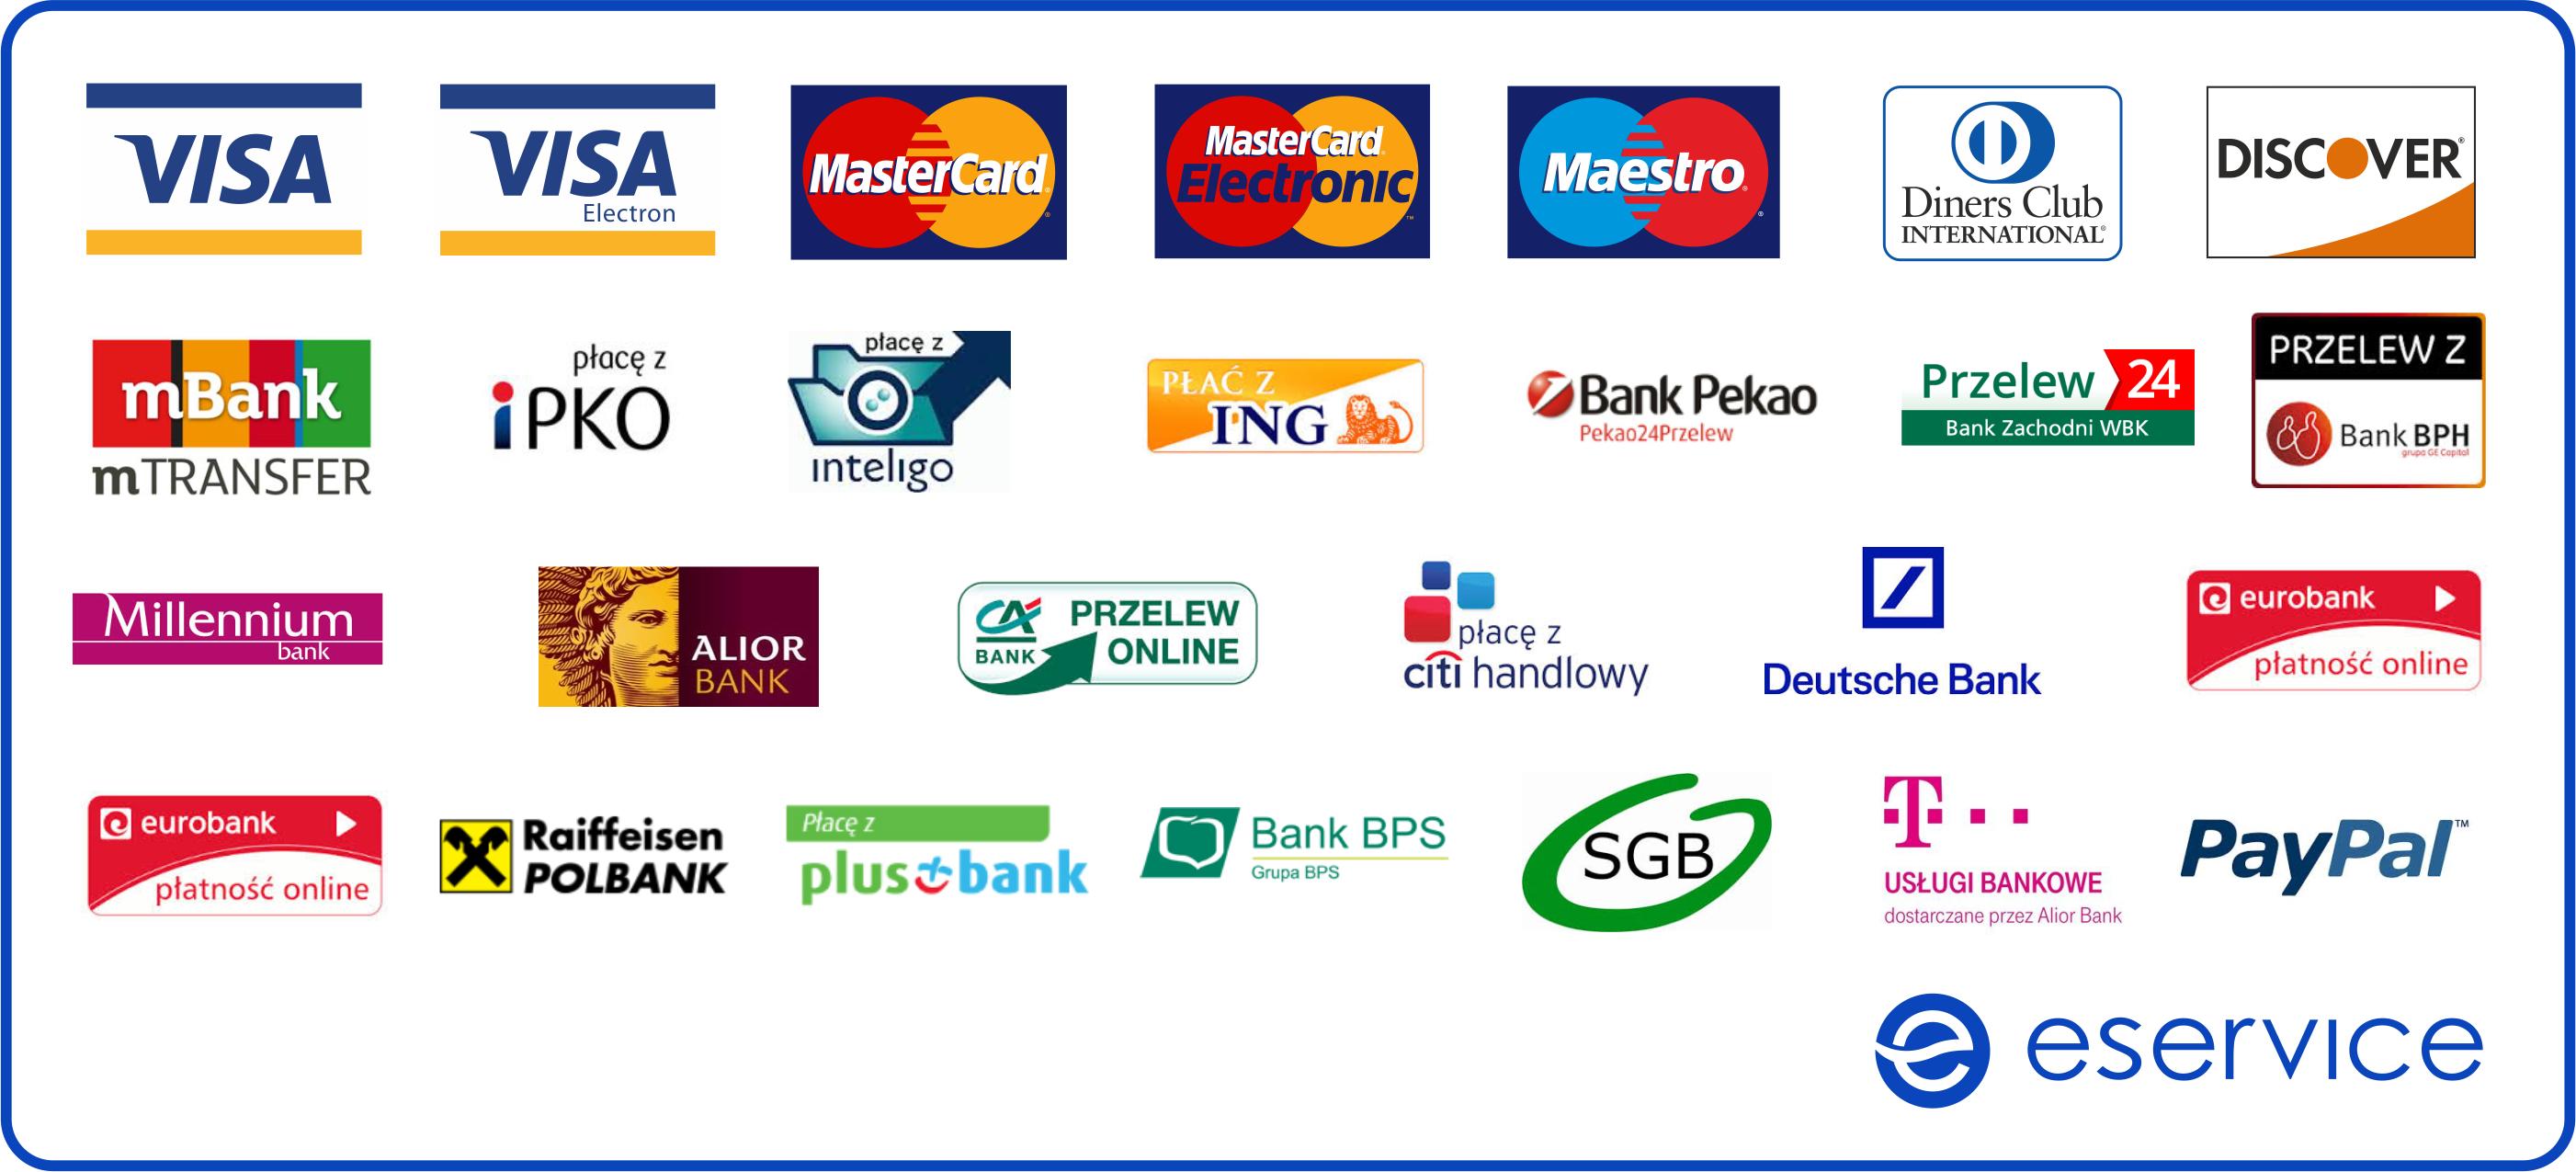 rodzaje płatności eService